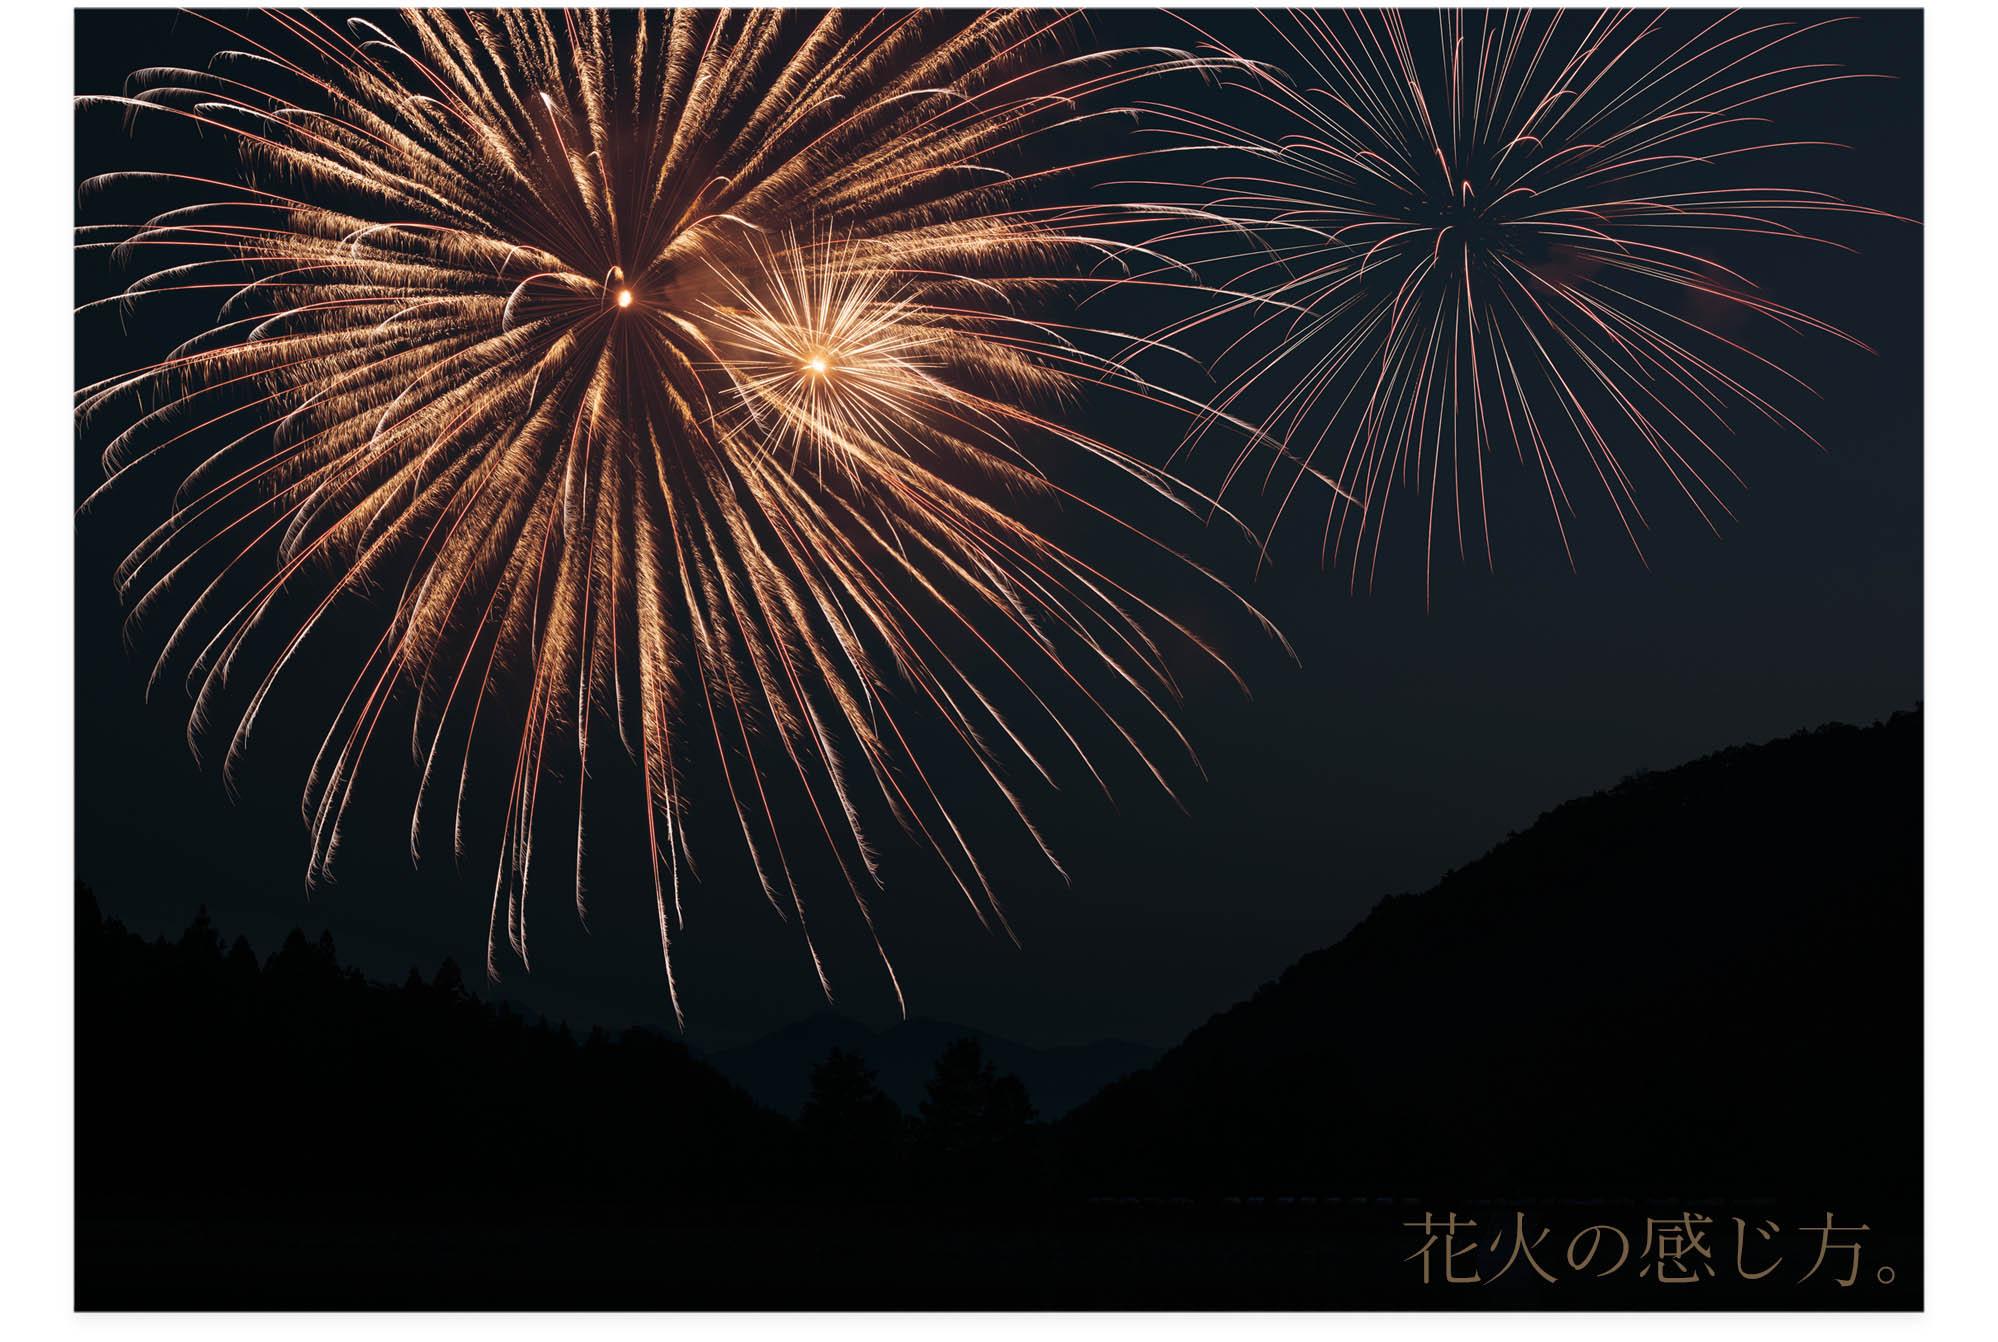 20130820a_花火の感じ方